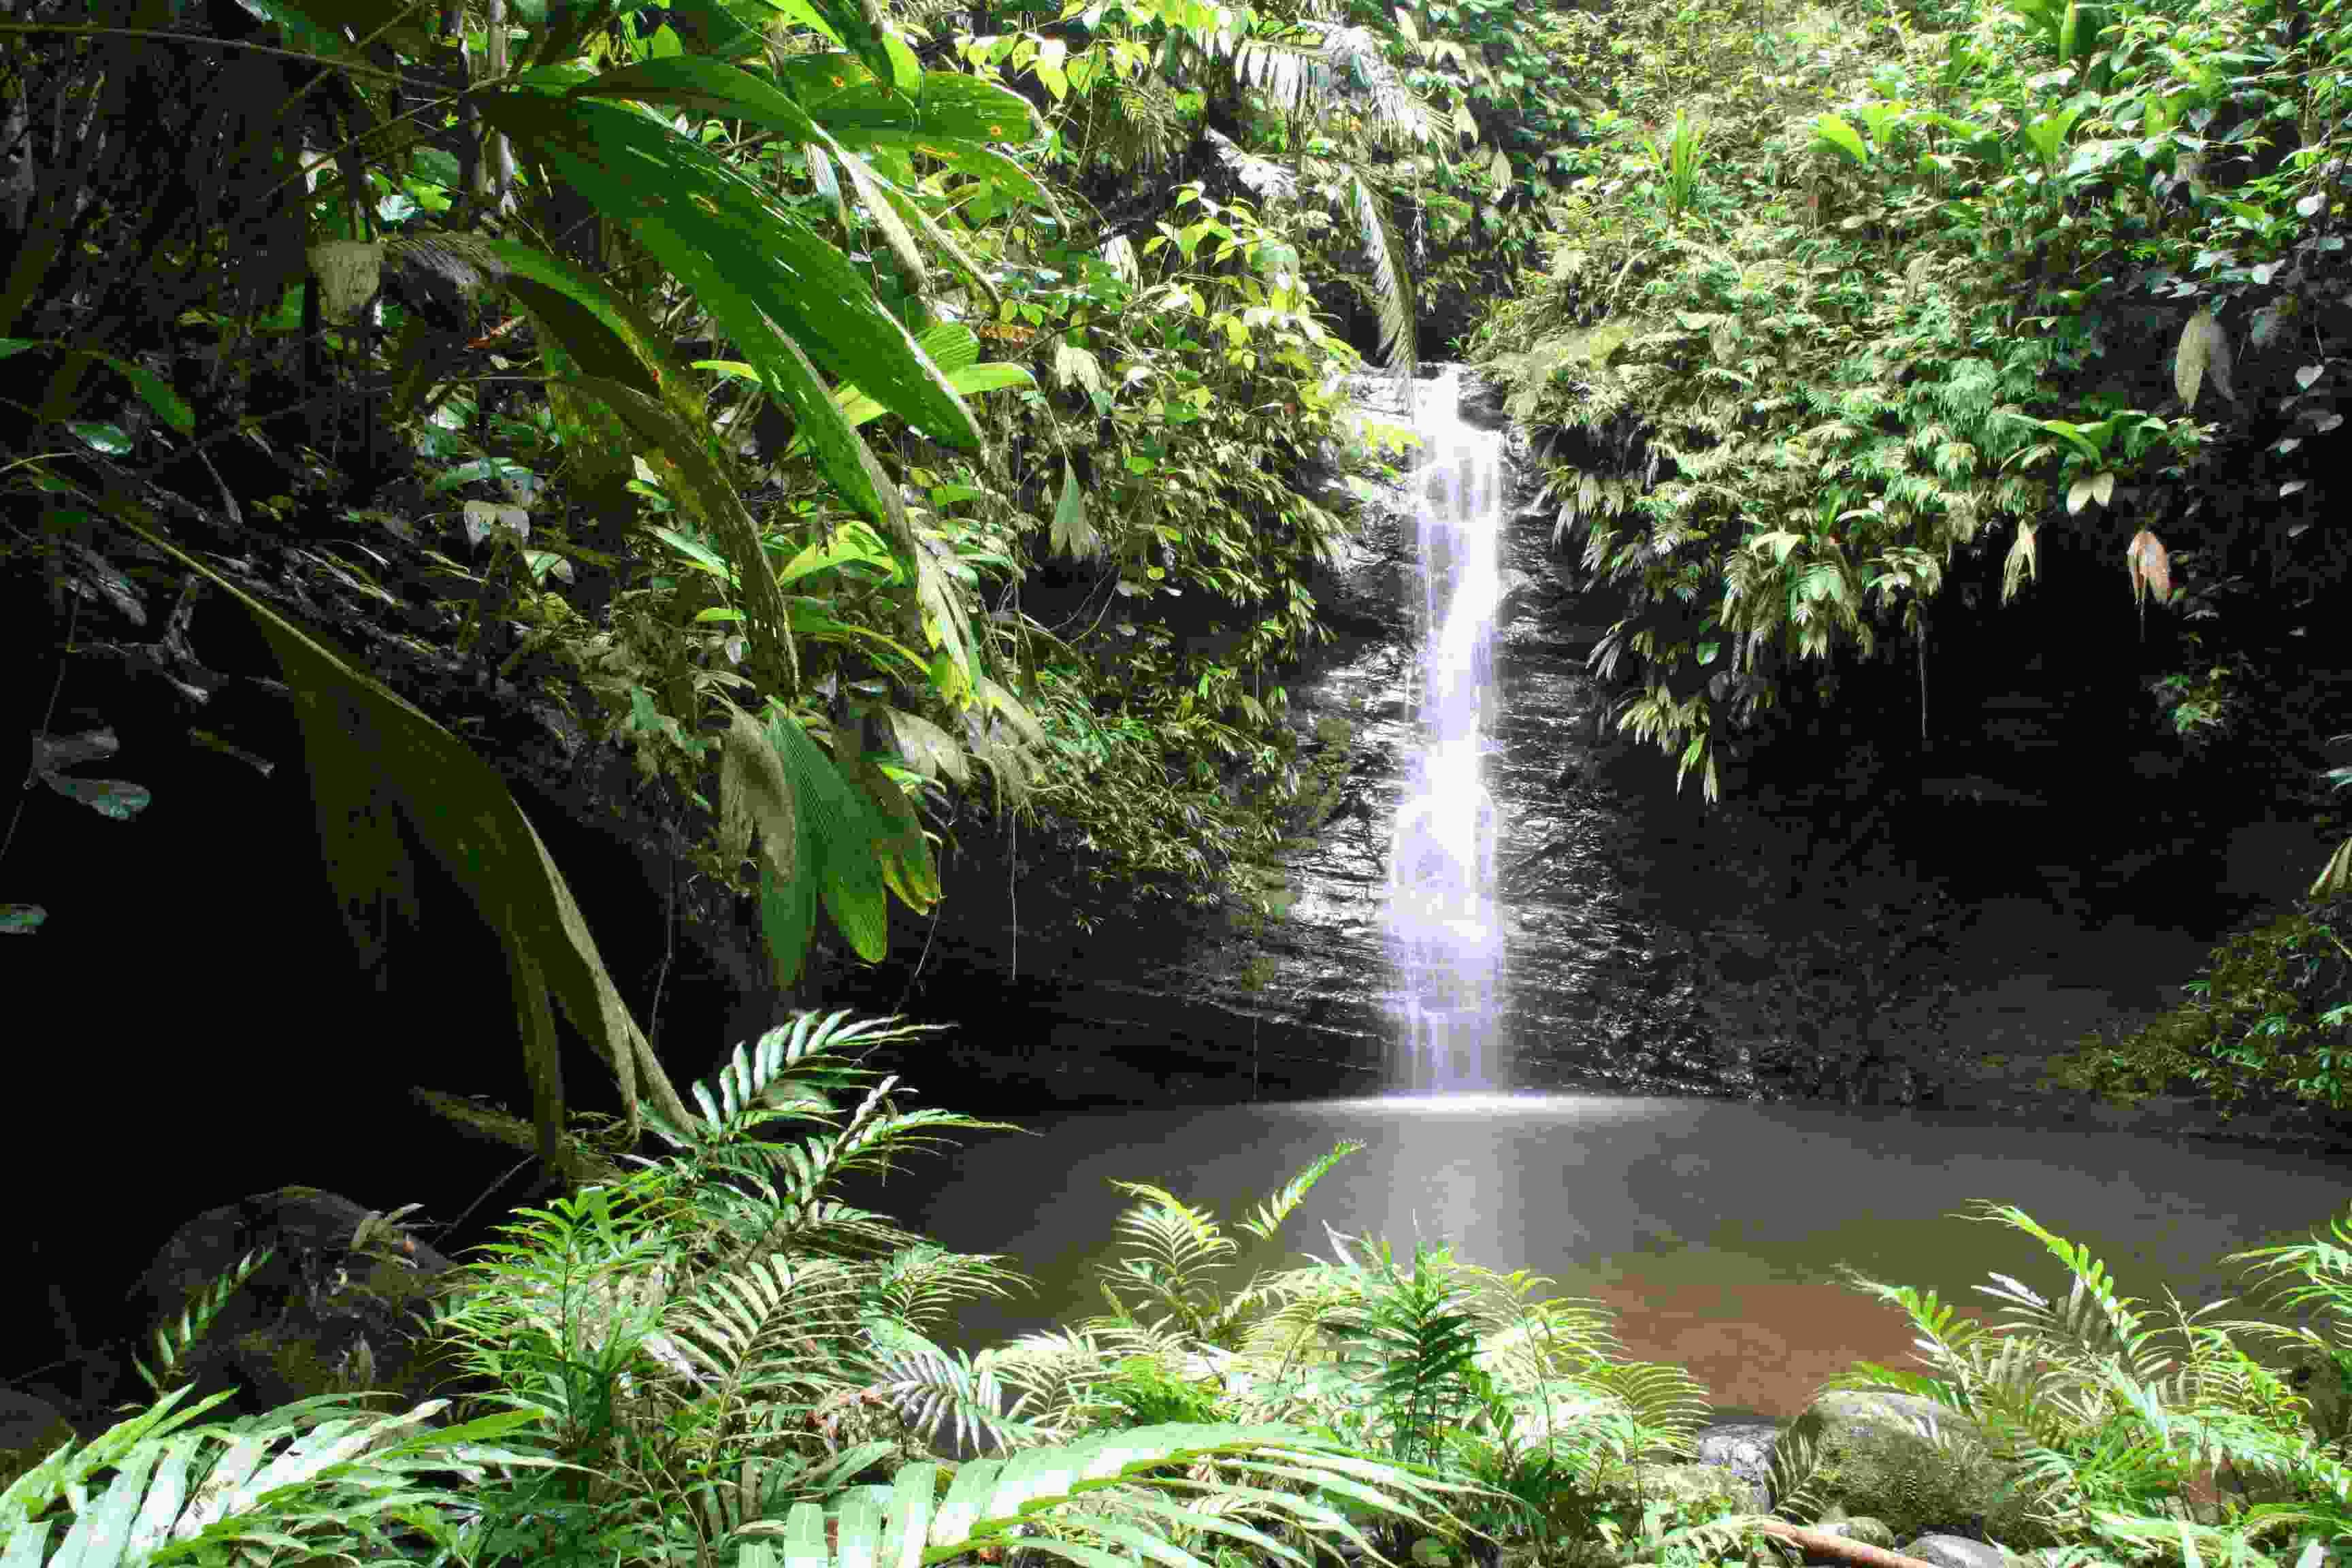 Wasser Wasserfall In Den Tropen C N Koster Botanischer Garten